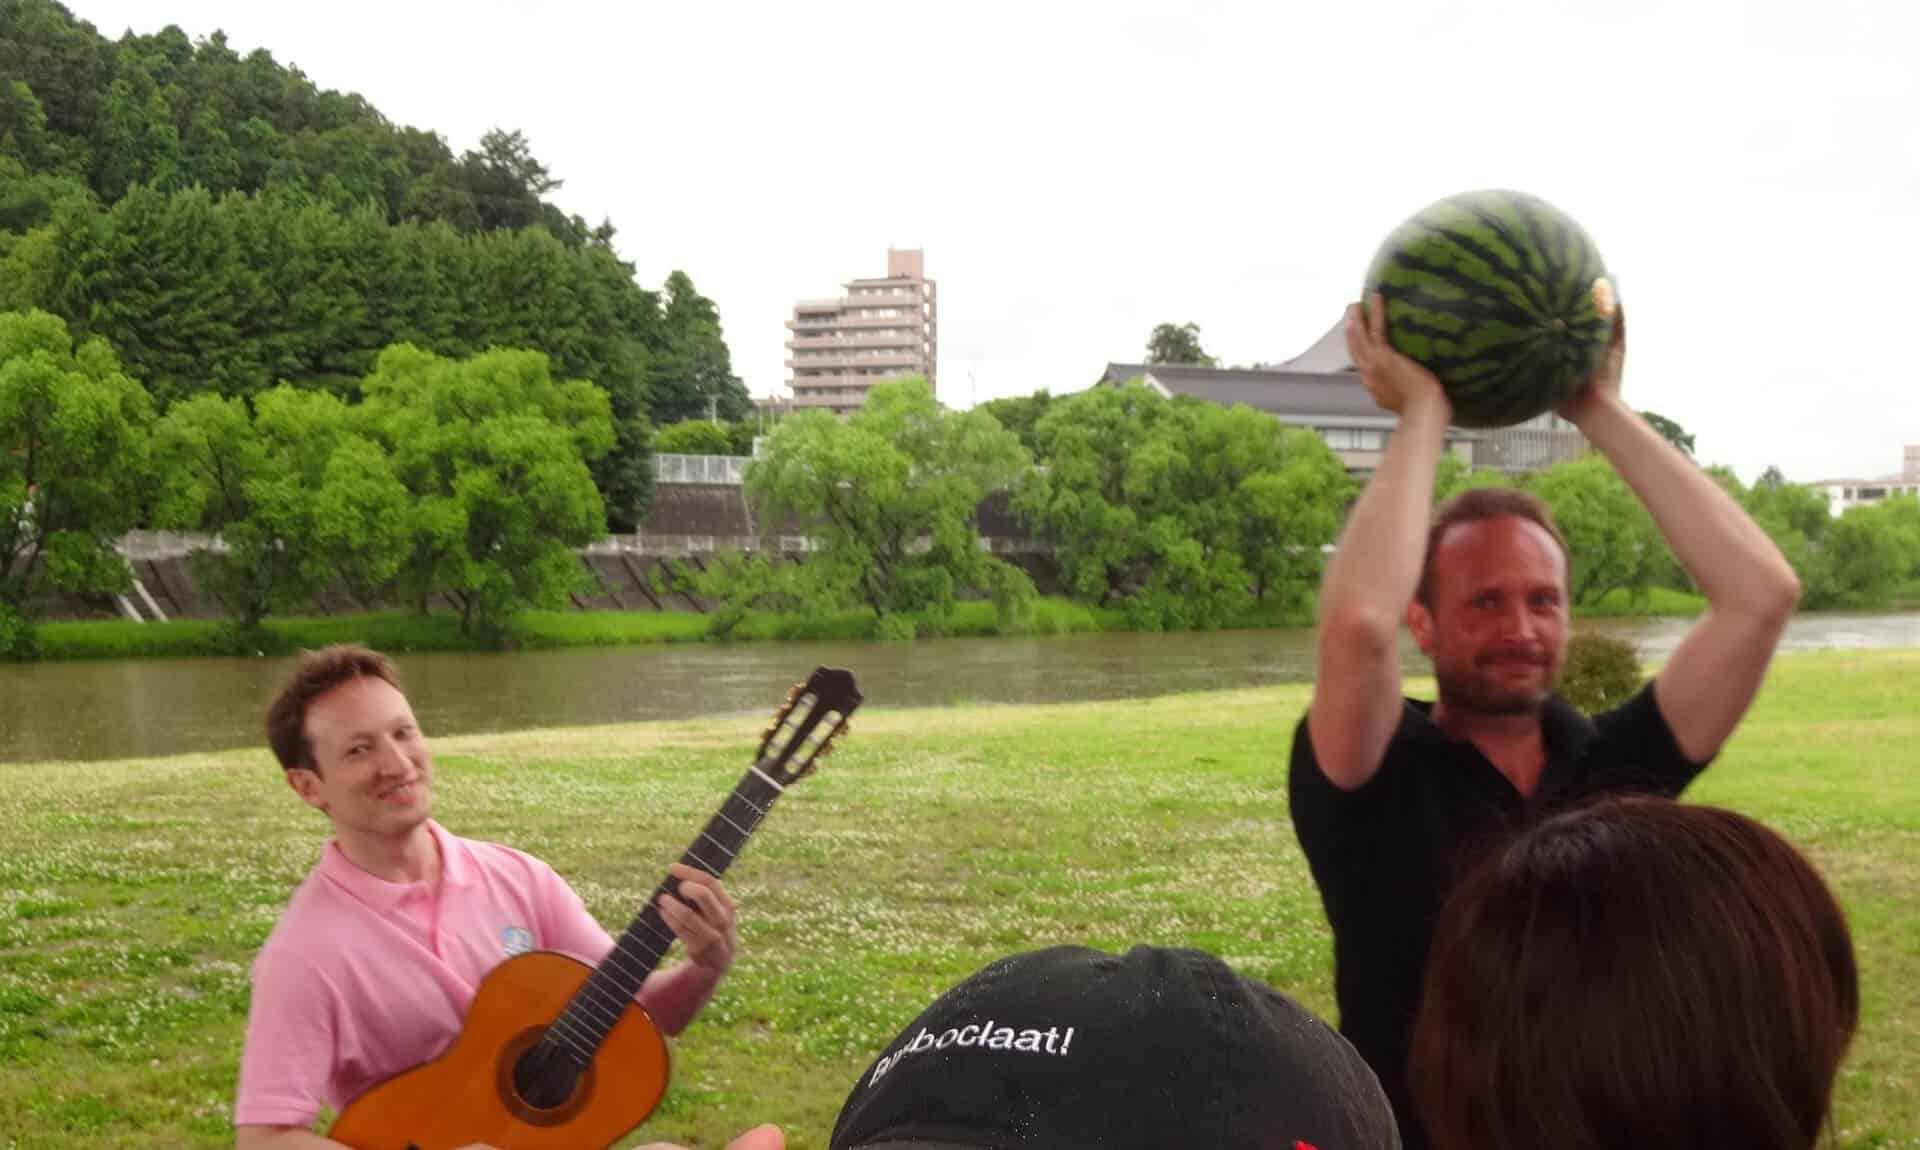 ピンクの服を着た先生がギターを弾き、黒の服を着た先生がスイカを頭の上で持っています